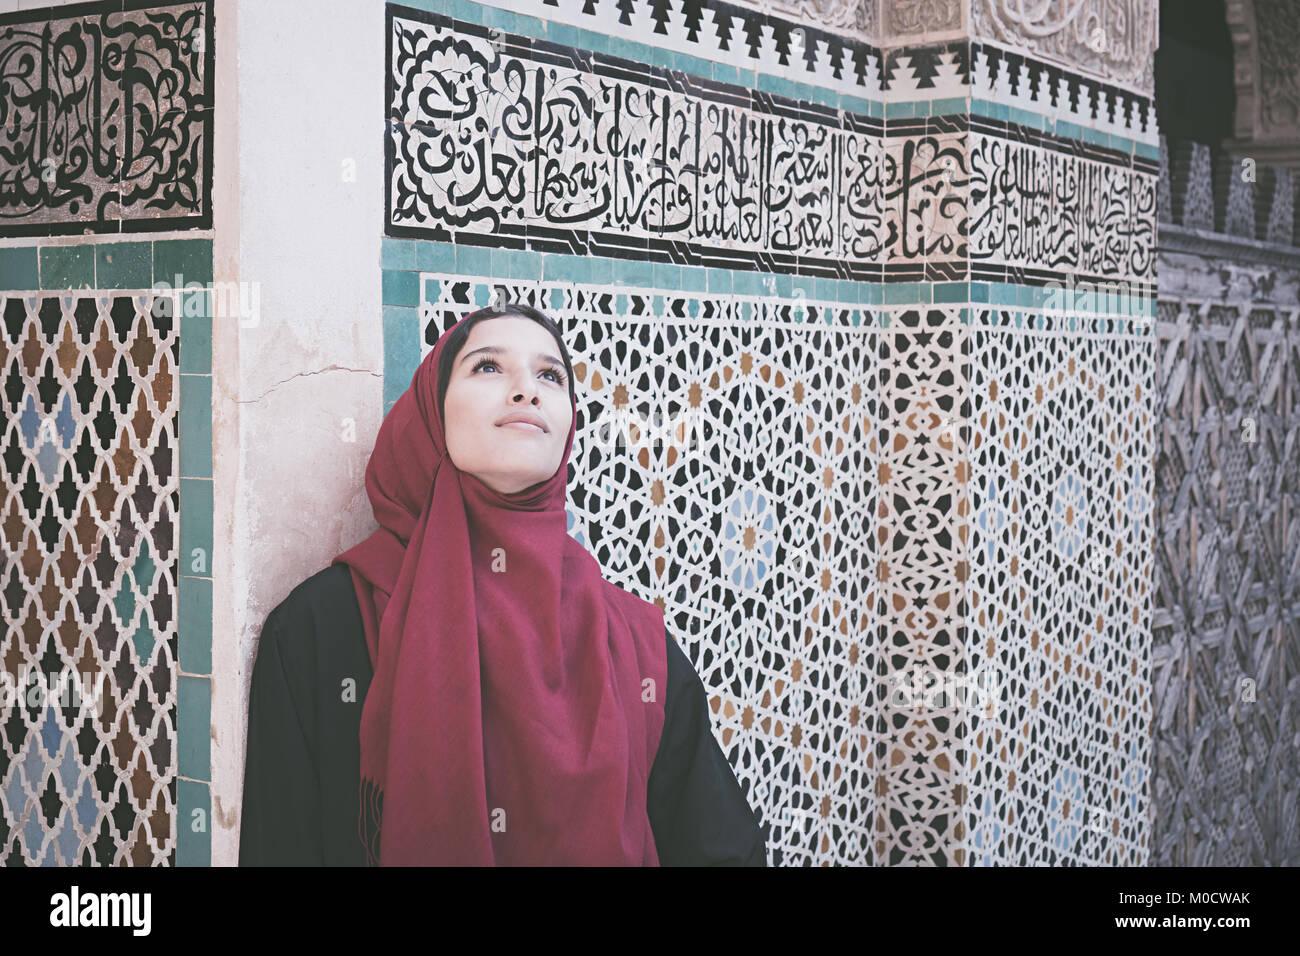 Mujer Árabe en vestimentas tradicionales con pañuelo rojo delante de la pared con el texto del Corán Imagen De Stock